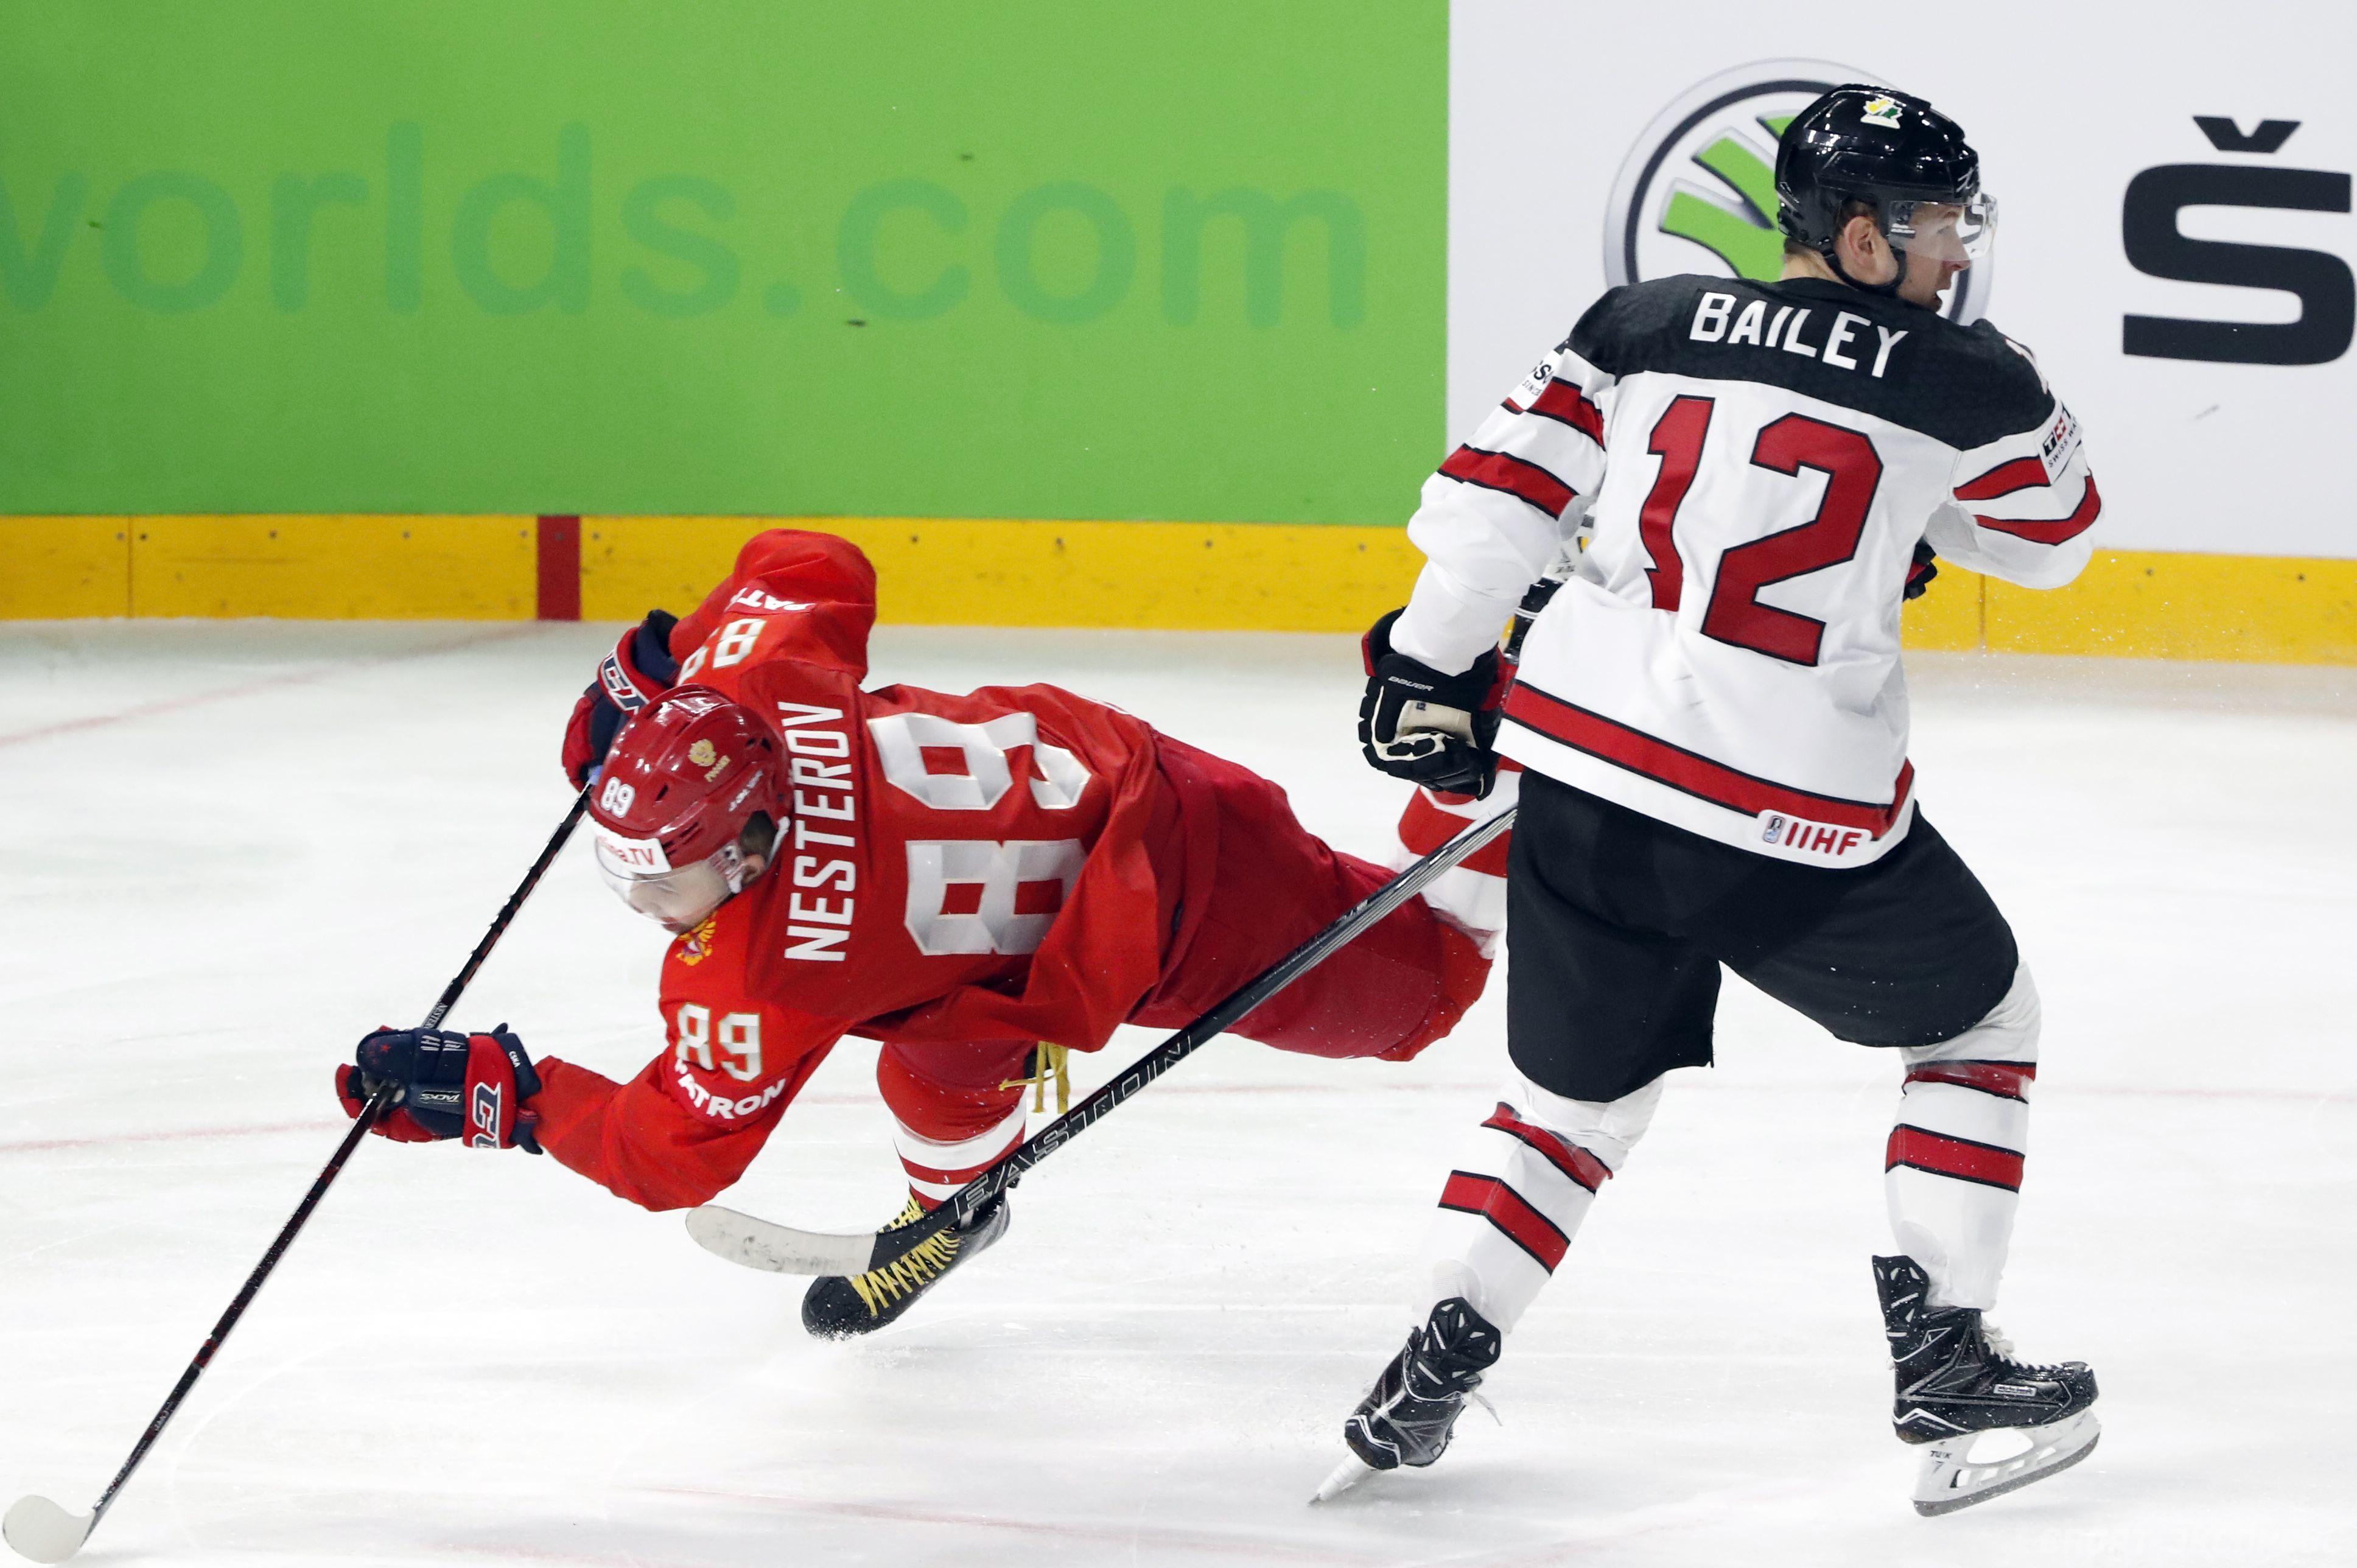 Канада обыграла США и вместе с Европой вышла в полуфинал Кубка мира